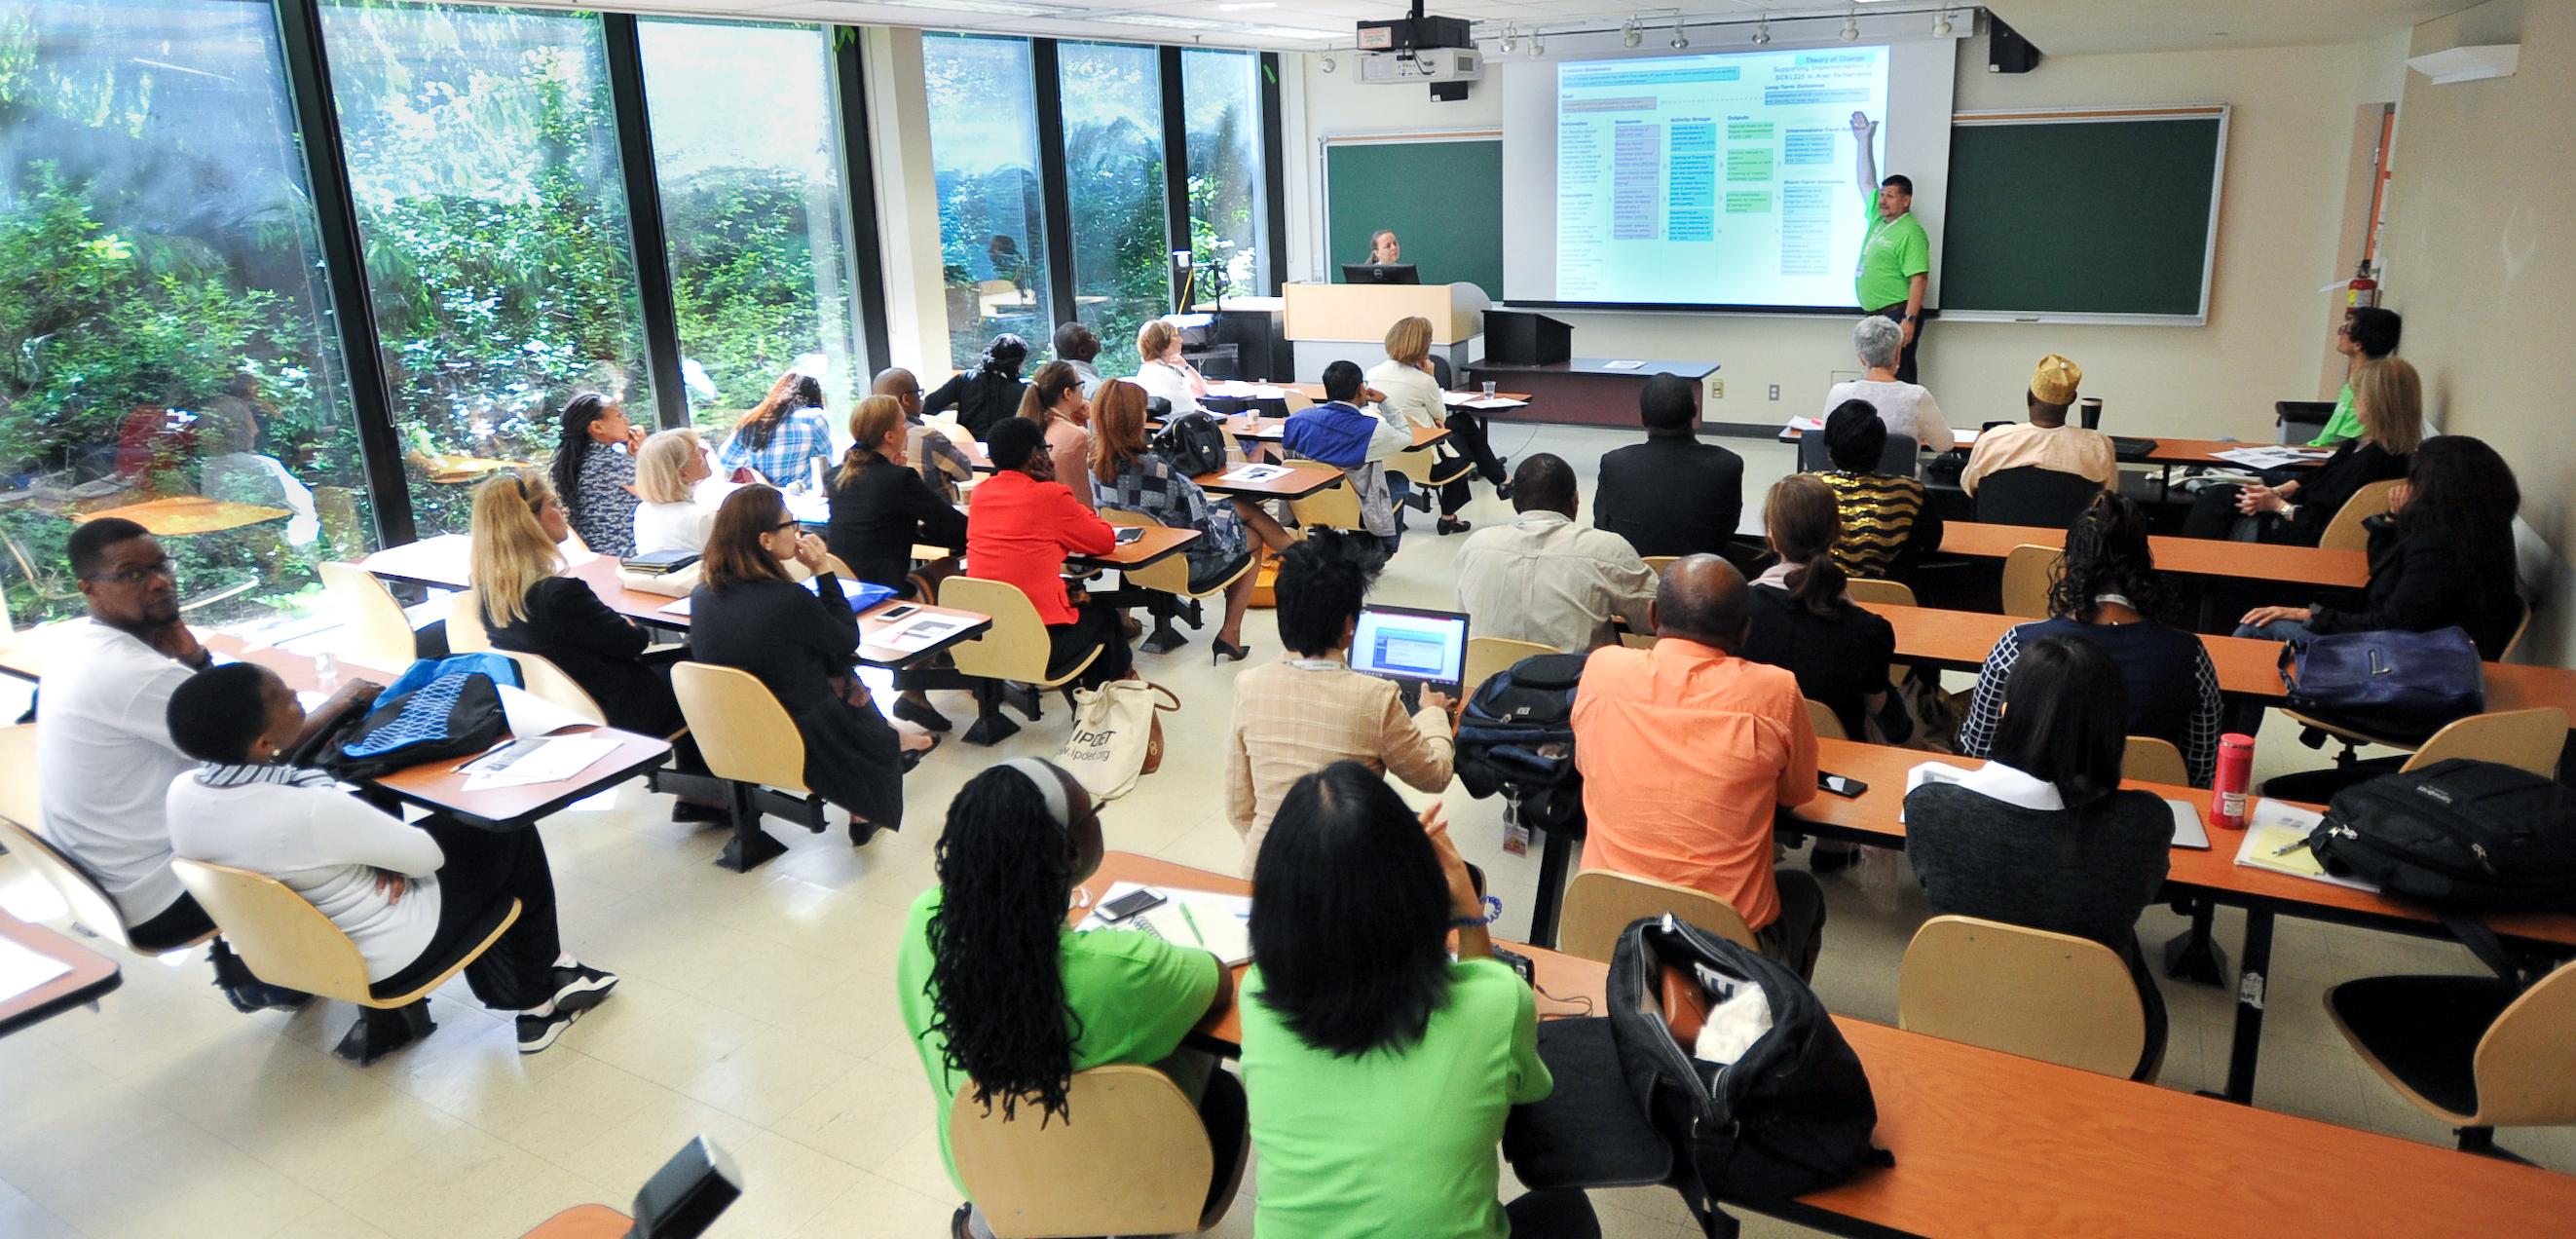 Teilnehmende eines IPDET-Workshops in Ottawa. © Zentrum für universitäre Weiterbildung ZUW, Universität Bern